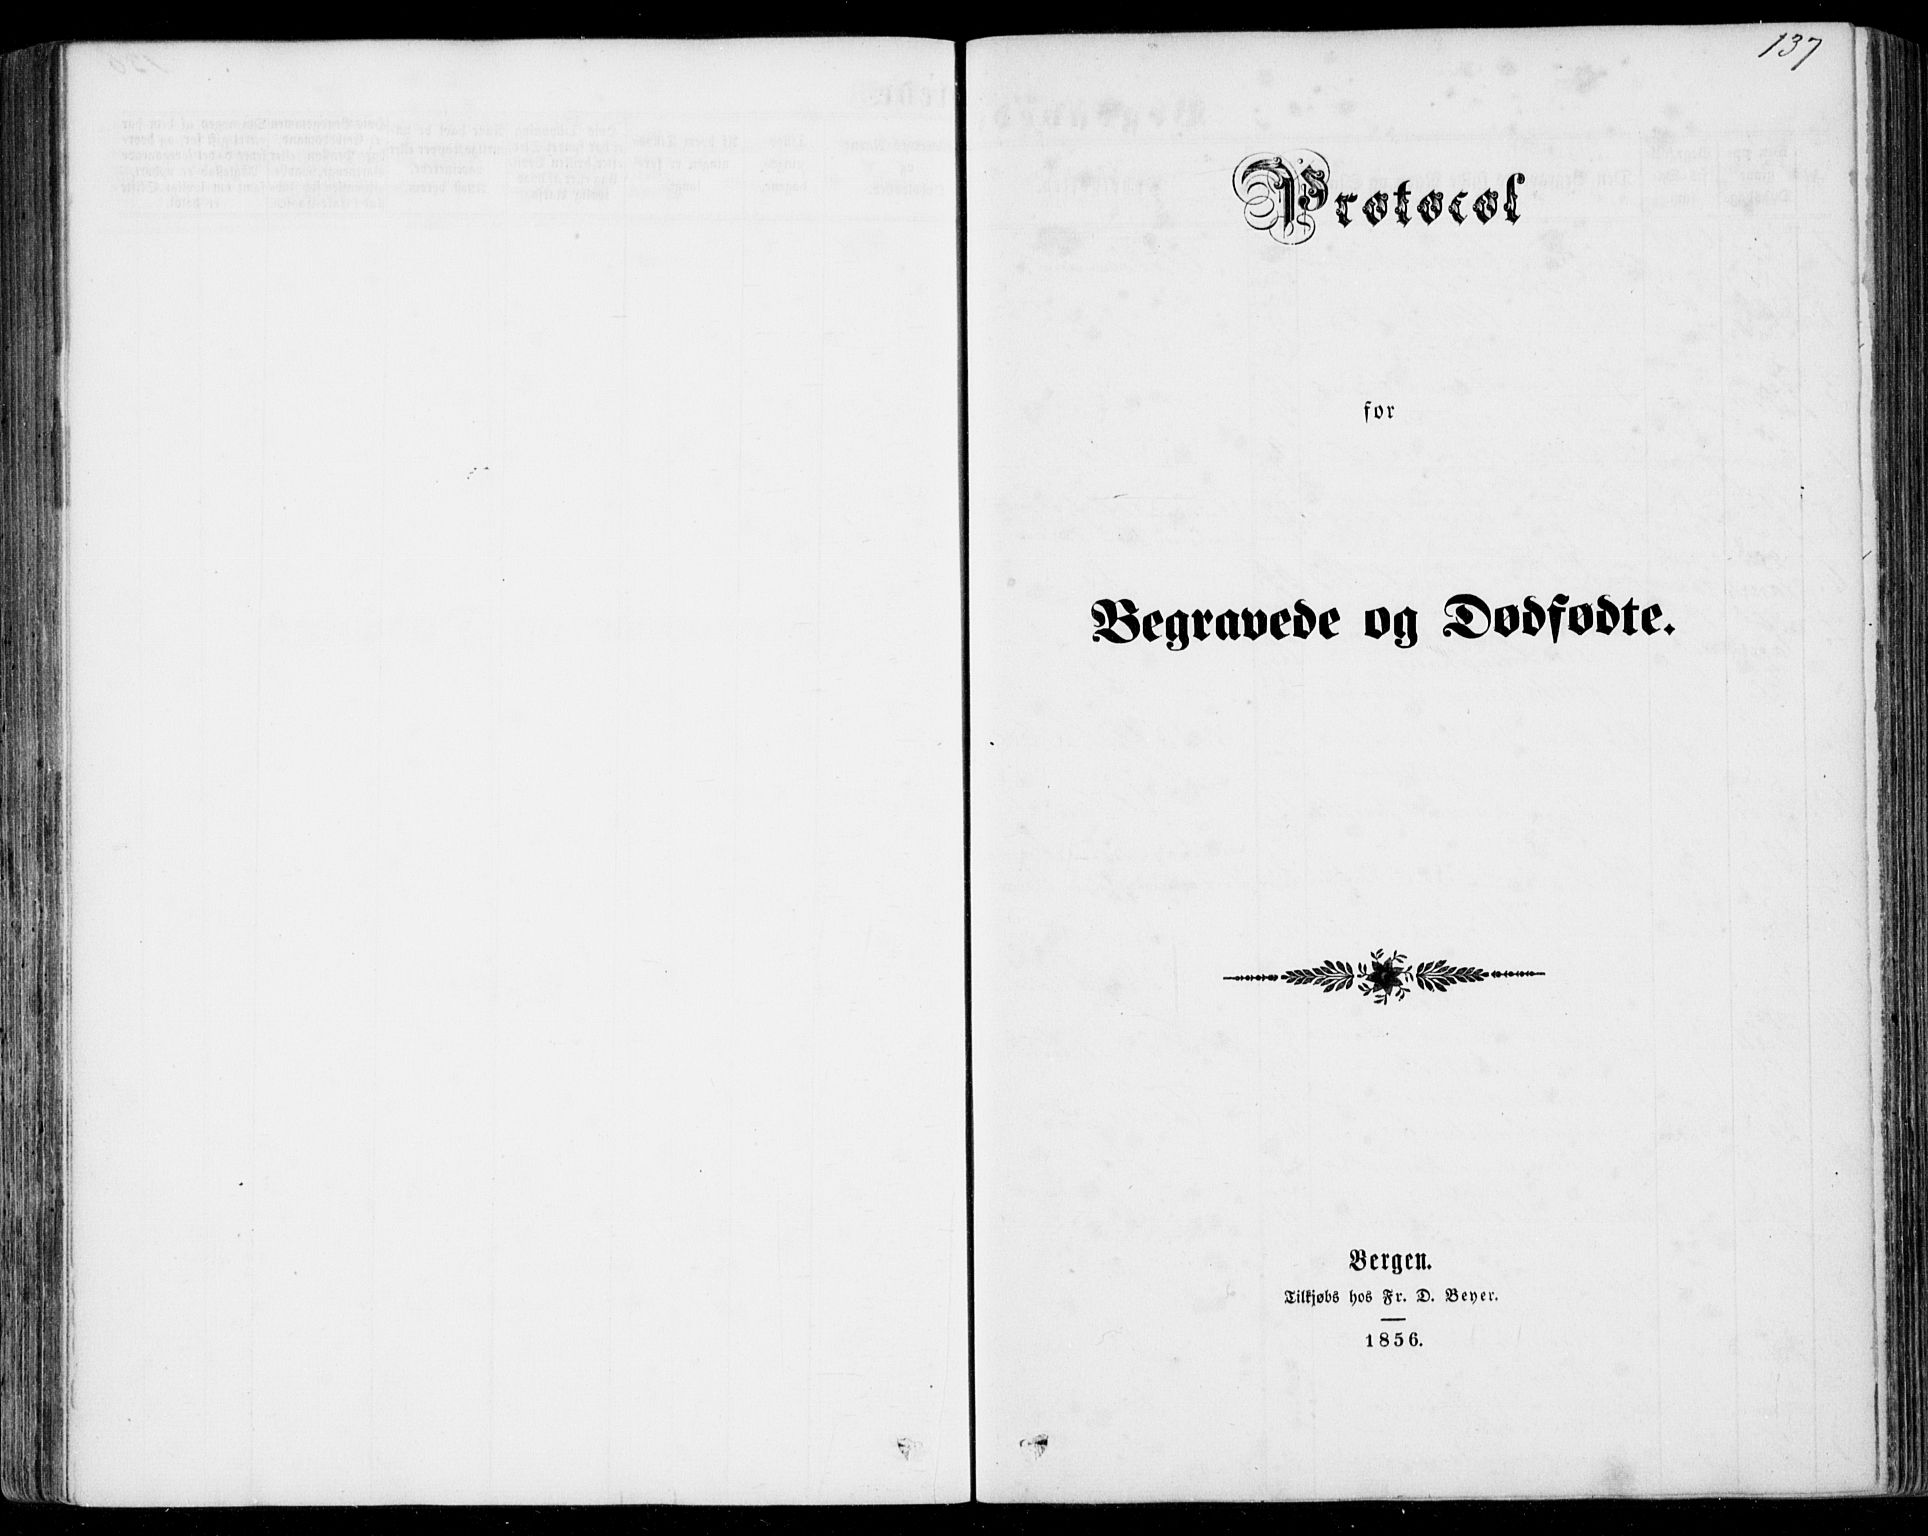 SAT, Ministerialprotokoller, klokkerbøker og fødselsregistre - Møre og Romsdal, 529/L0452: Ministerialbok nr. 529A02, 1864-1871, s. 137